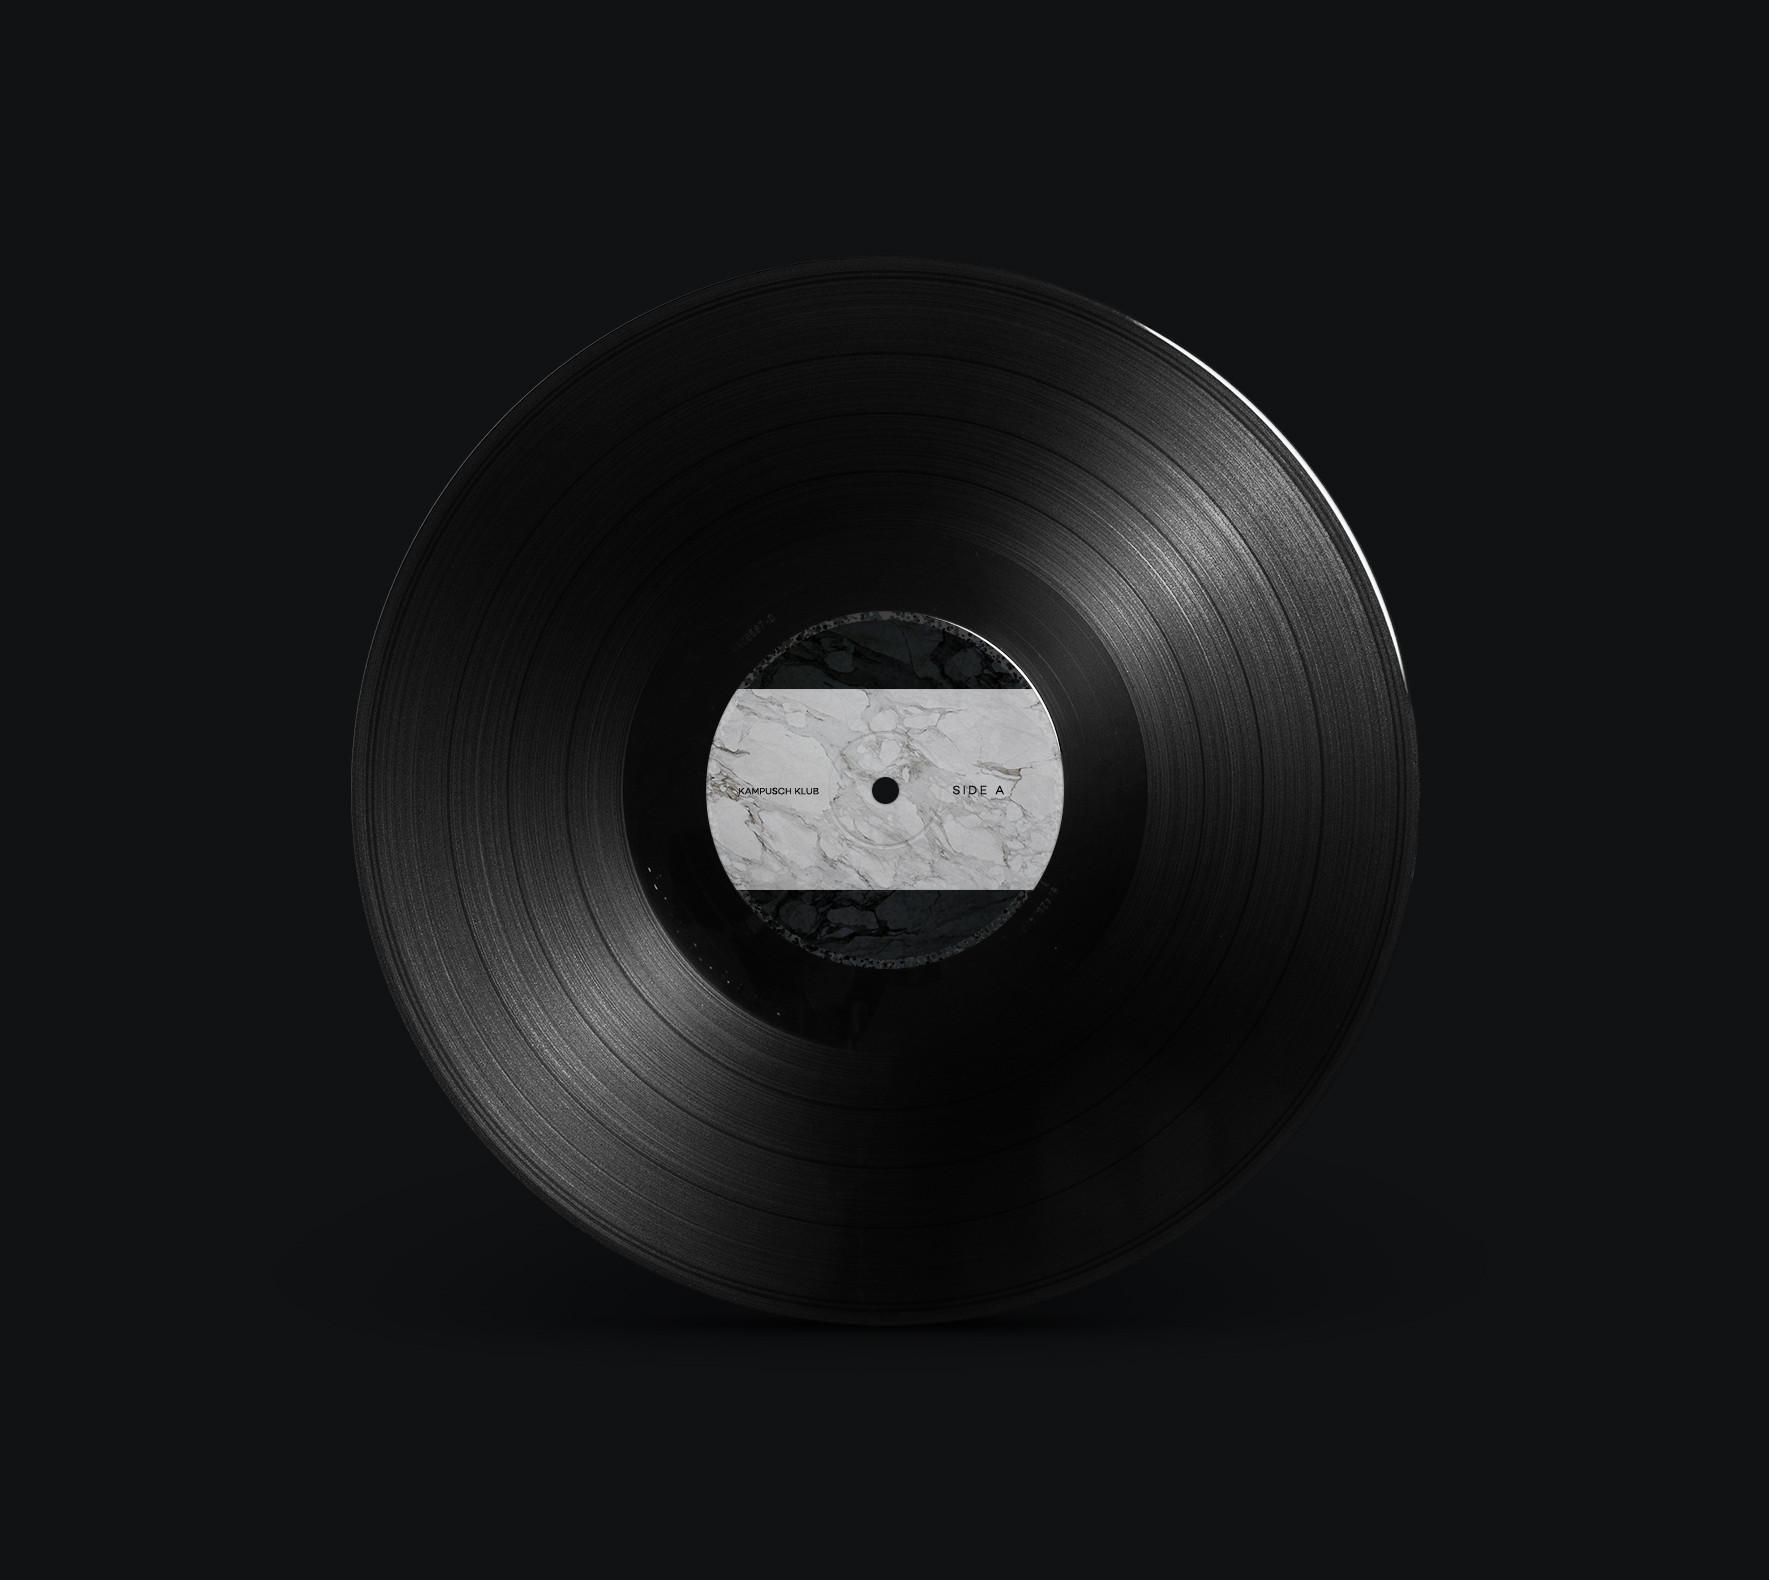 vinyl_KK.jpg